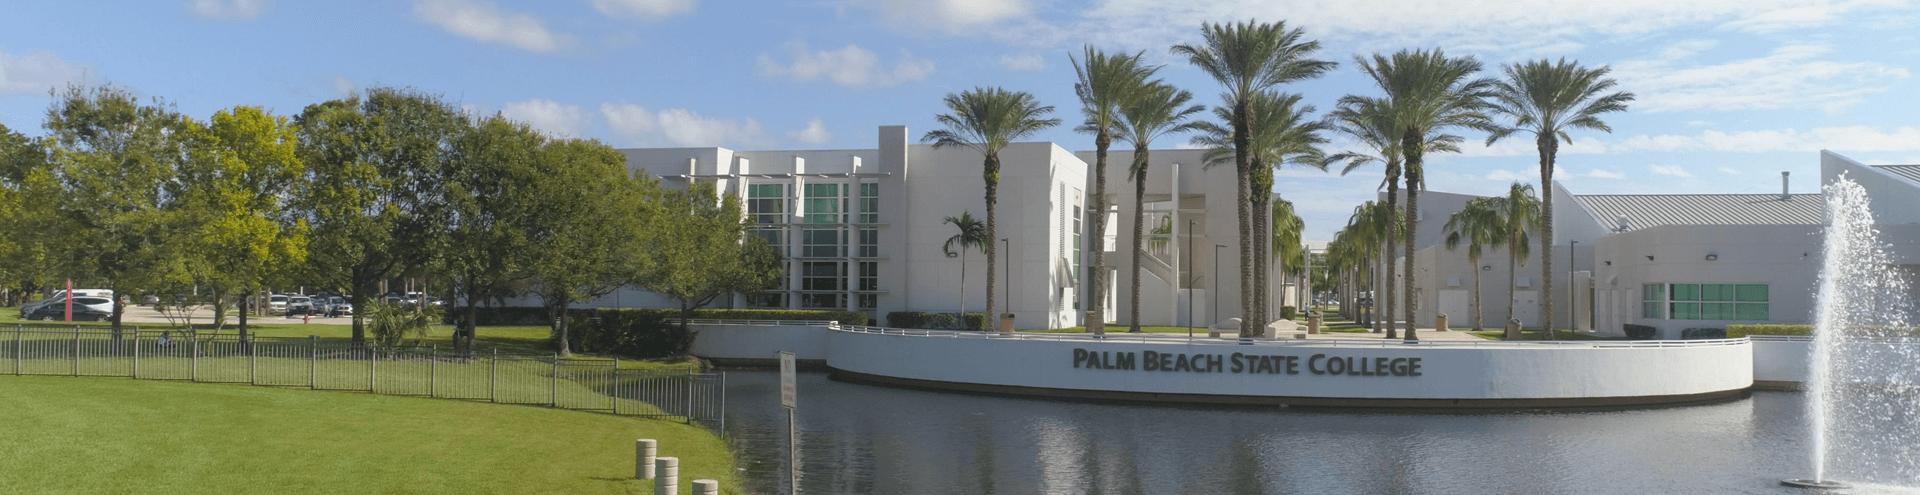 palm beach state college bookstore promo code - Palm Beach State Bookstore Palm Beach Gardens